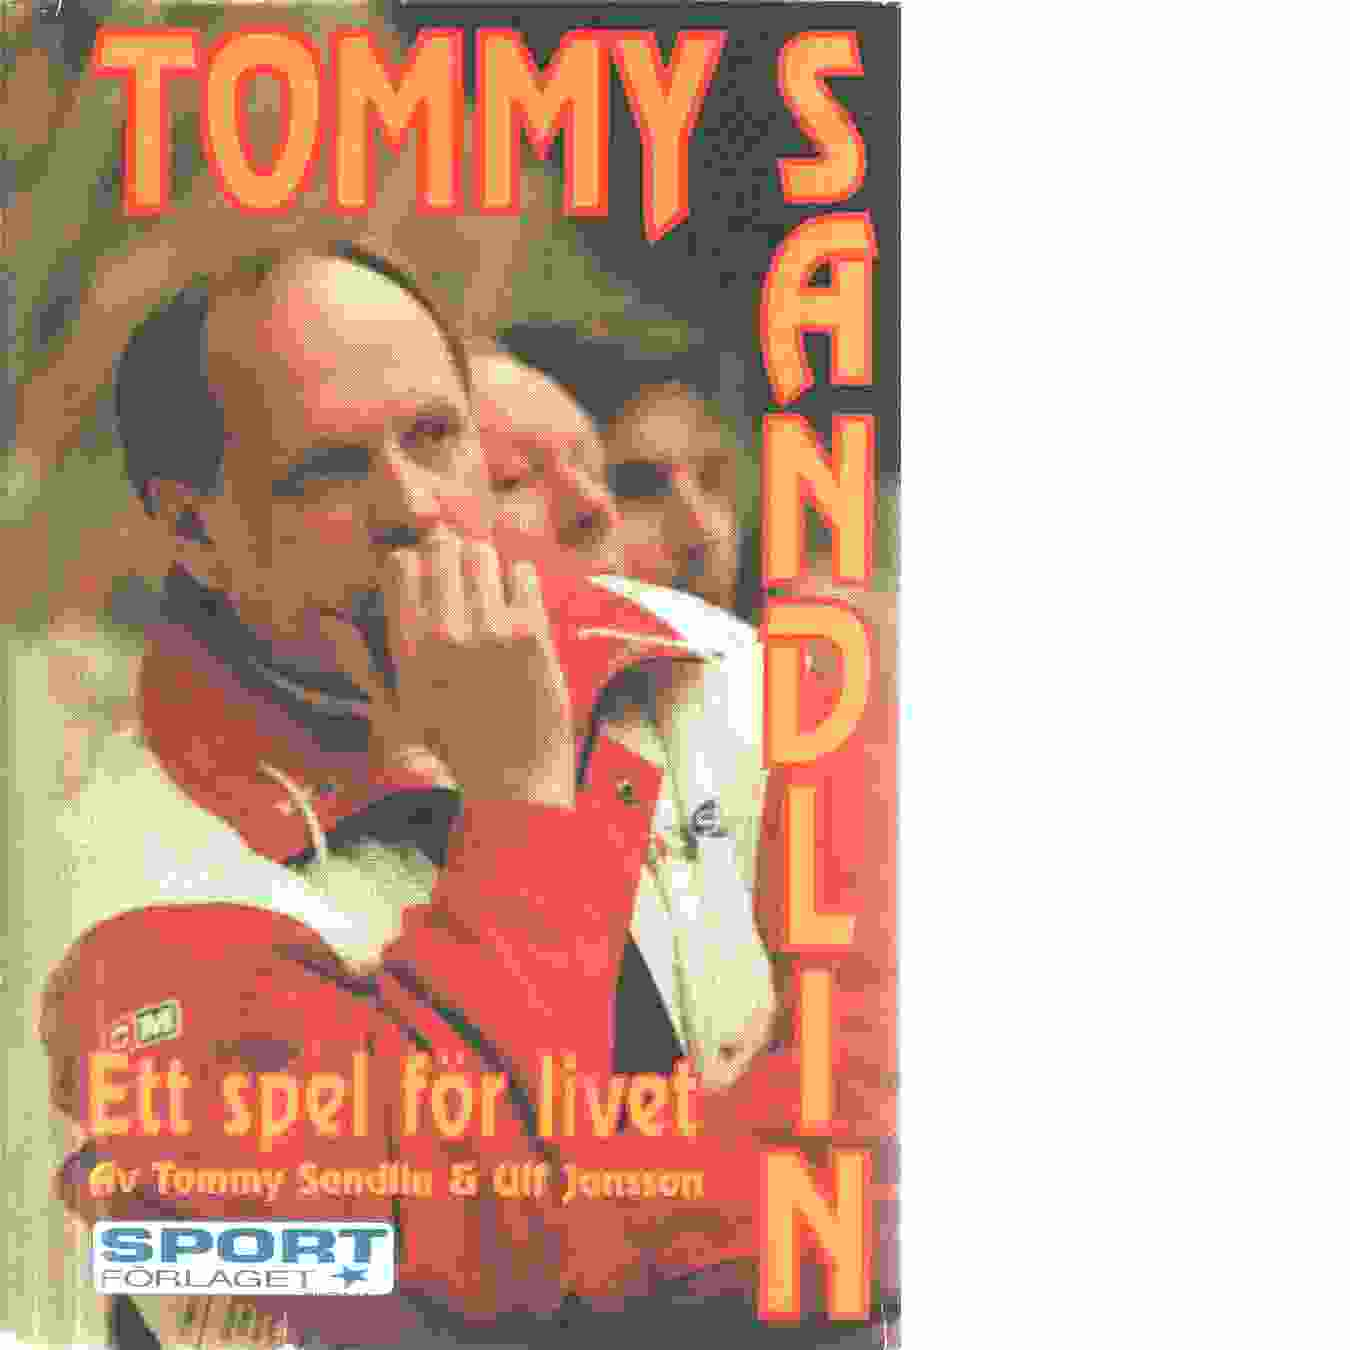 Ett spel för livet - Sandlin, Tommy och Jansson, Ulf